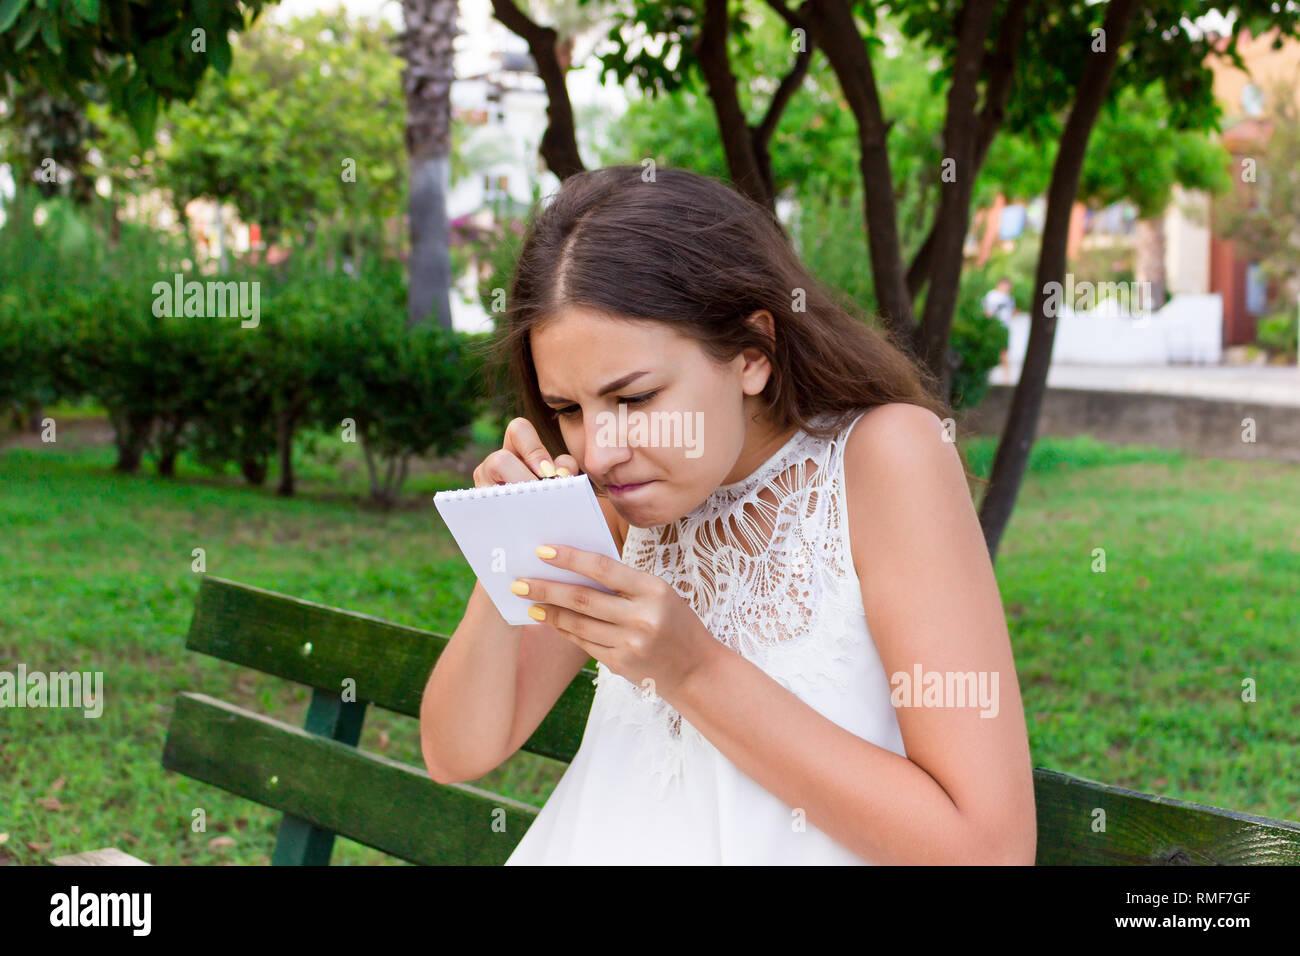 La donna sta scrivendo la sua entusiasmanti idee nel suo blocco note con grande concentrazione. Immagini Stock